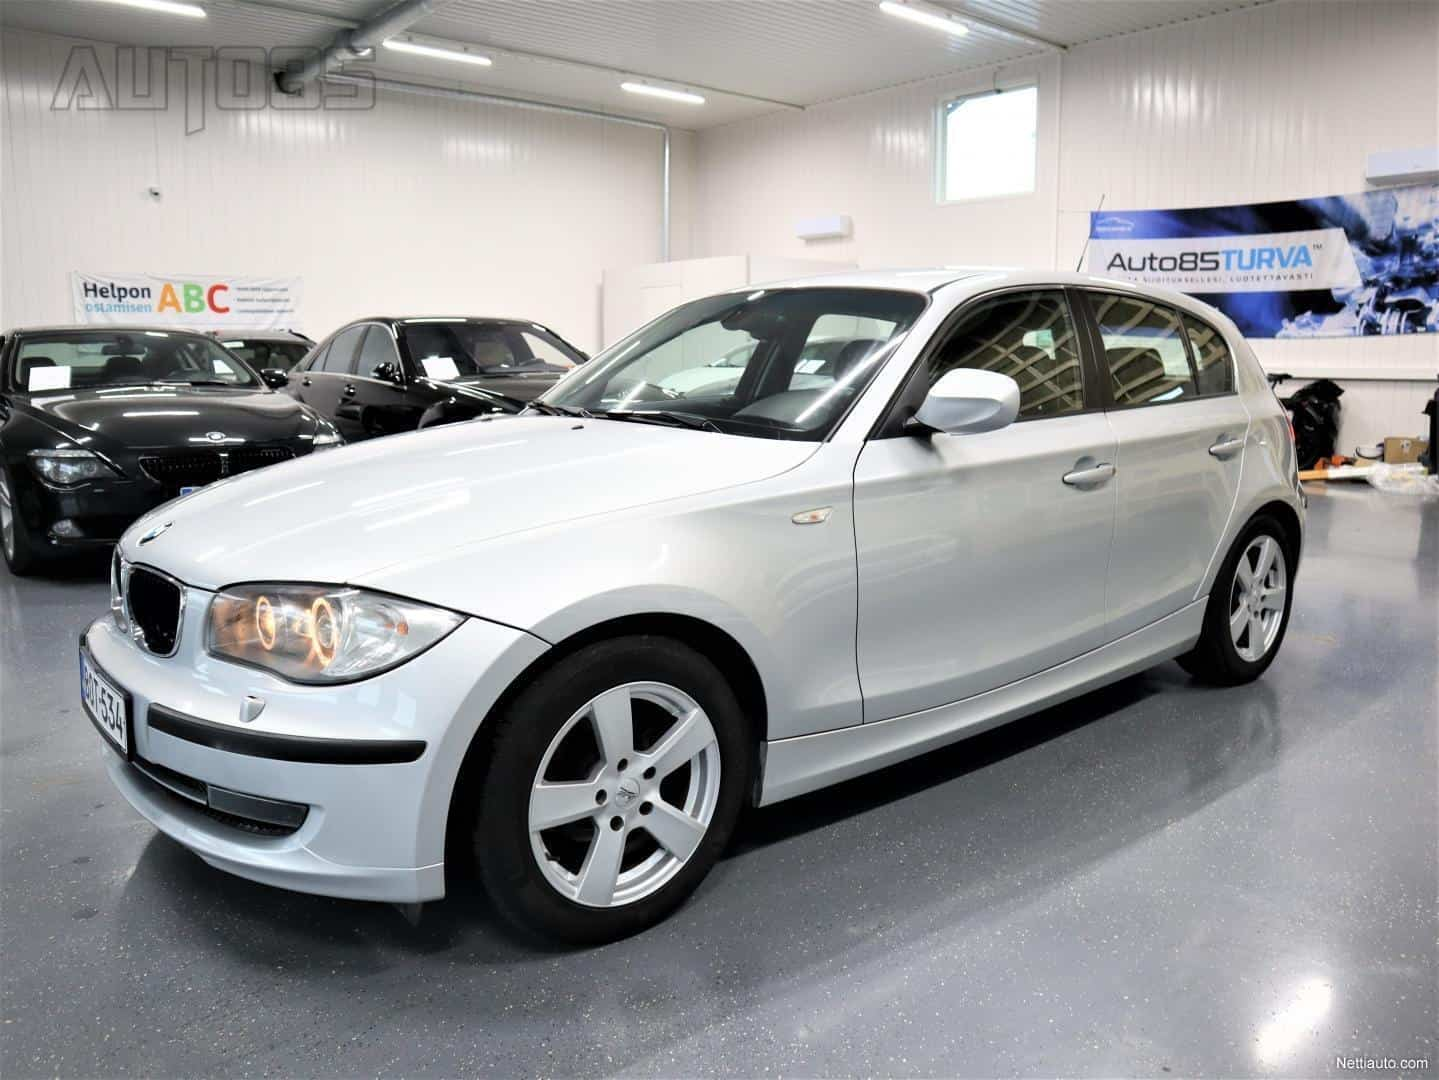 BMW 118 d 5d * RAHOITUS 0e KÄSIRAHALLA * NAHAT * XENON * CRUISE * KOUKKU * 2X RENKAAT * PERUSSIISTI KÄYTTIS